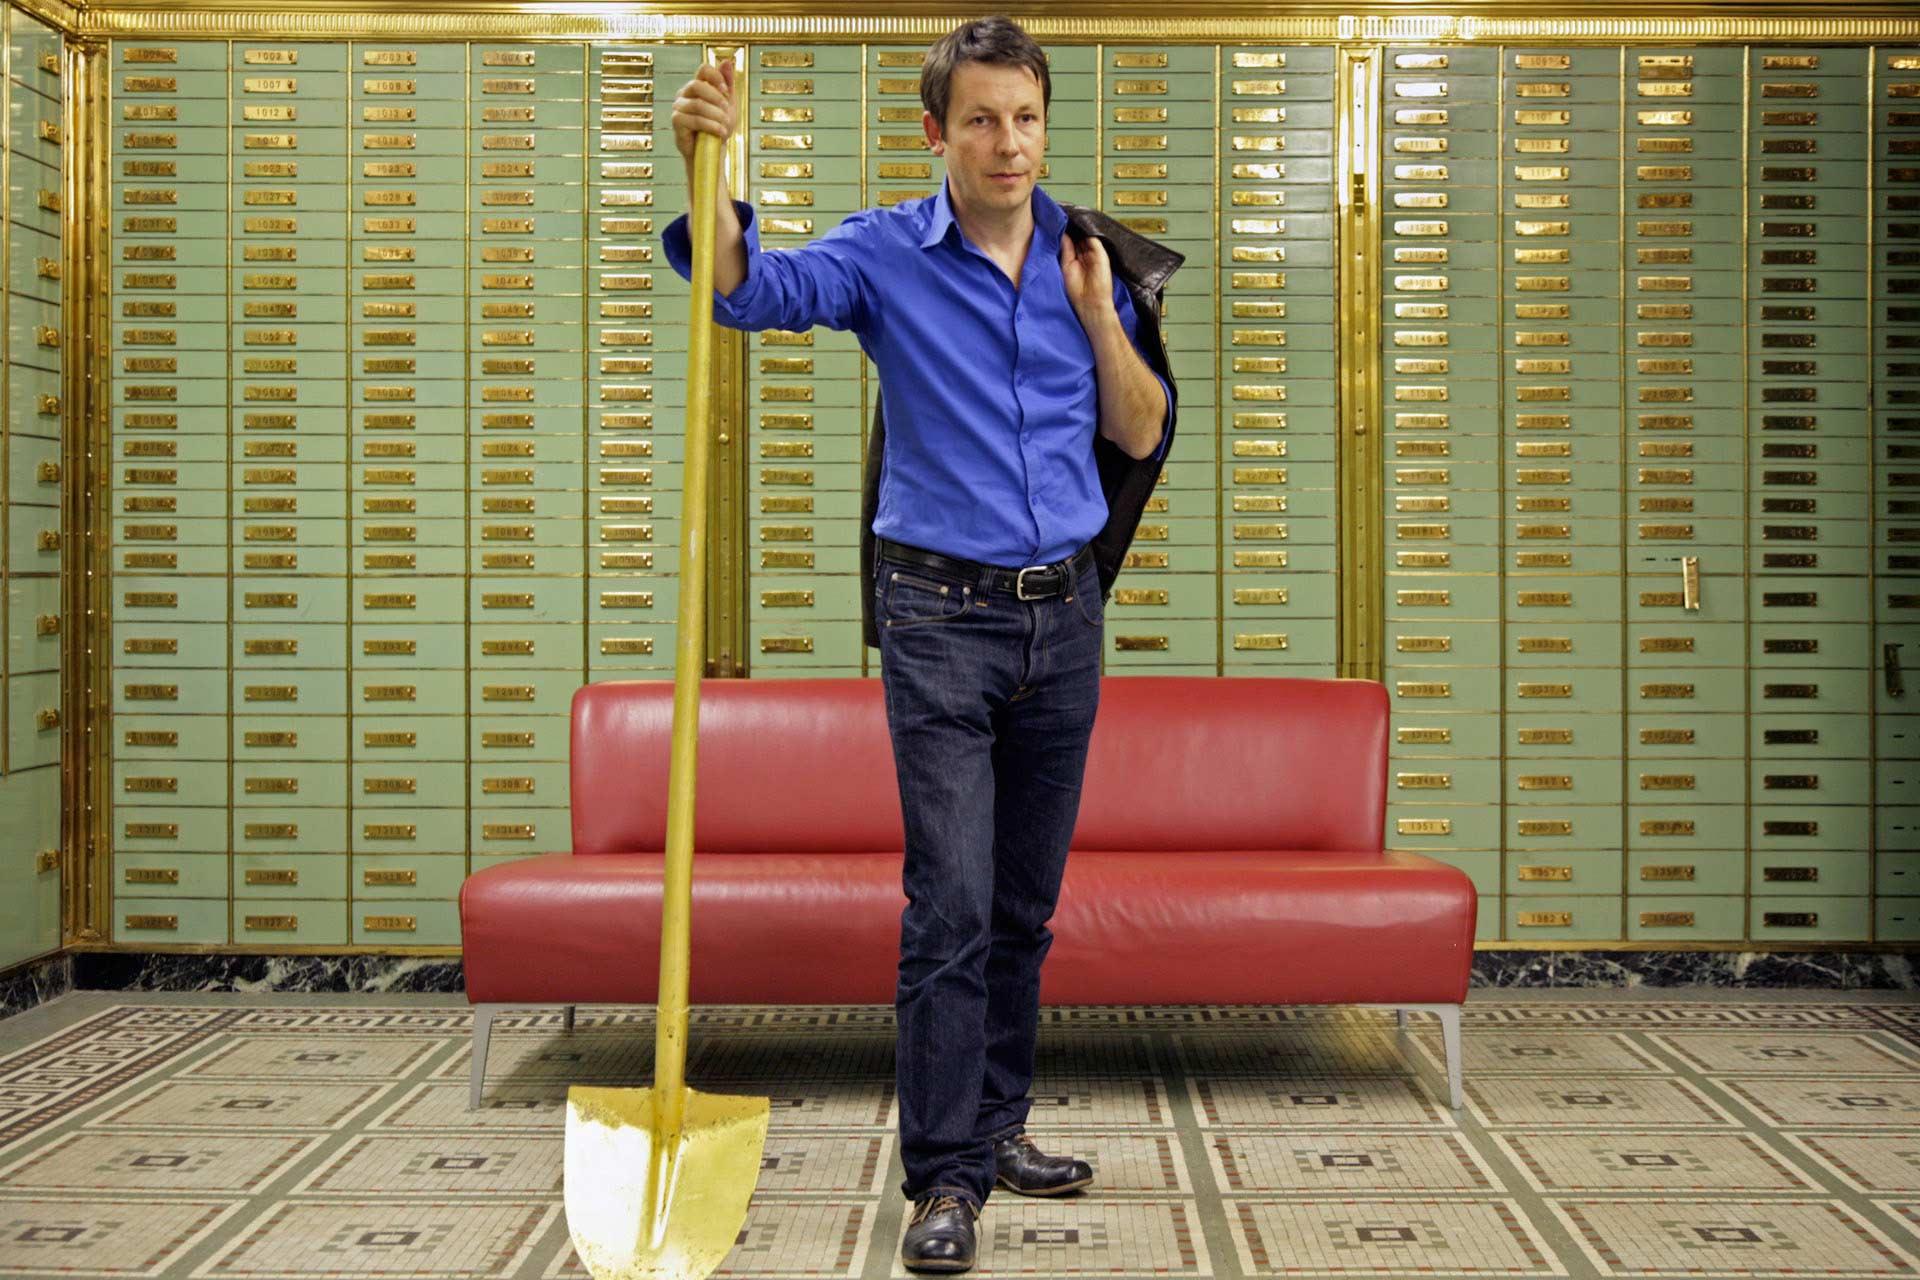 """Daniel Häni im Safe des 'unternehmen mitte' - Daniel Häni """"Der Turmbauer zu Basel"""" taz. die tageszeitung vom 15.10.2009"""